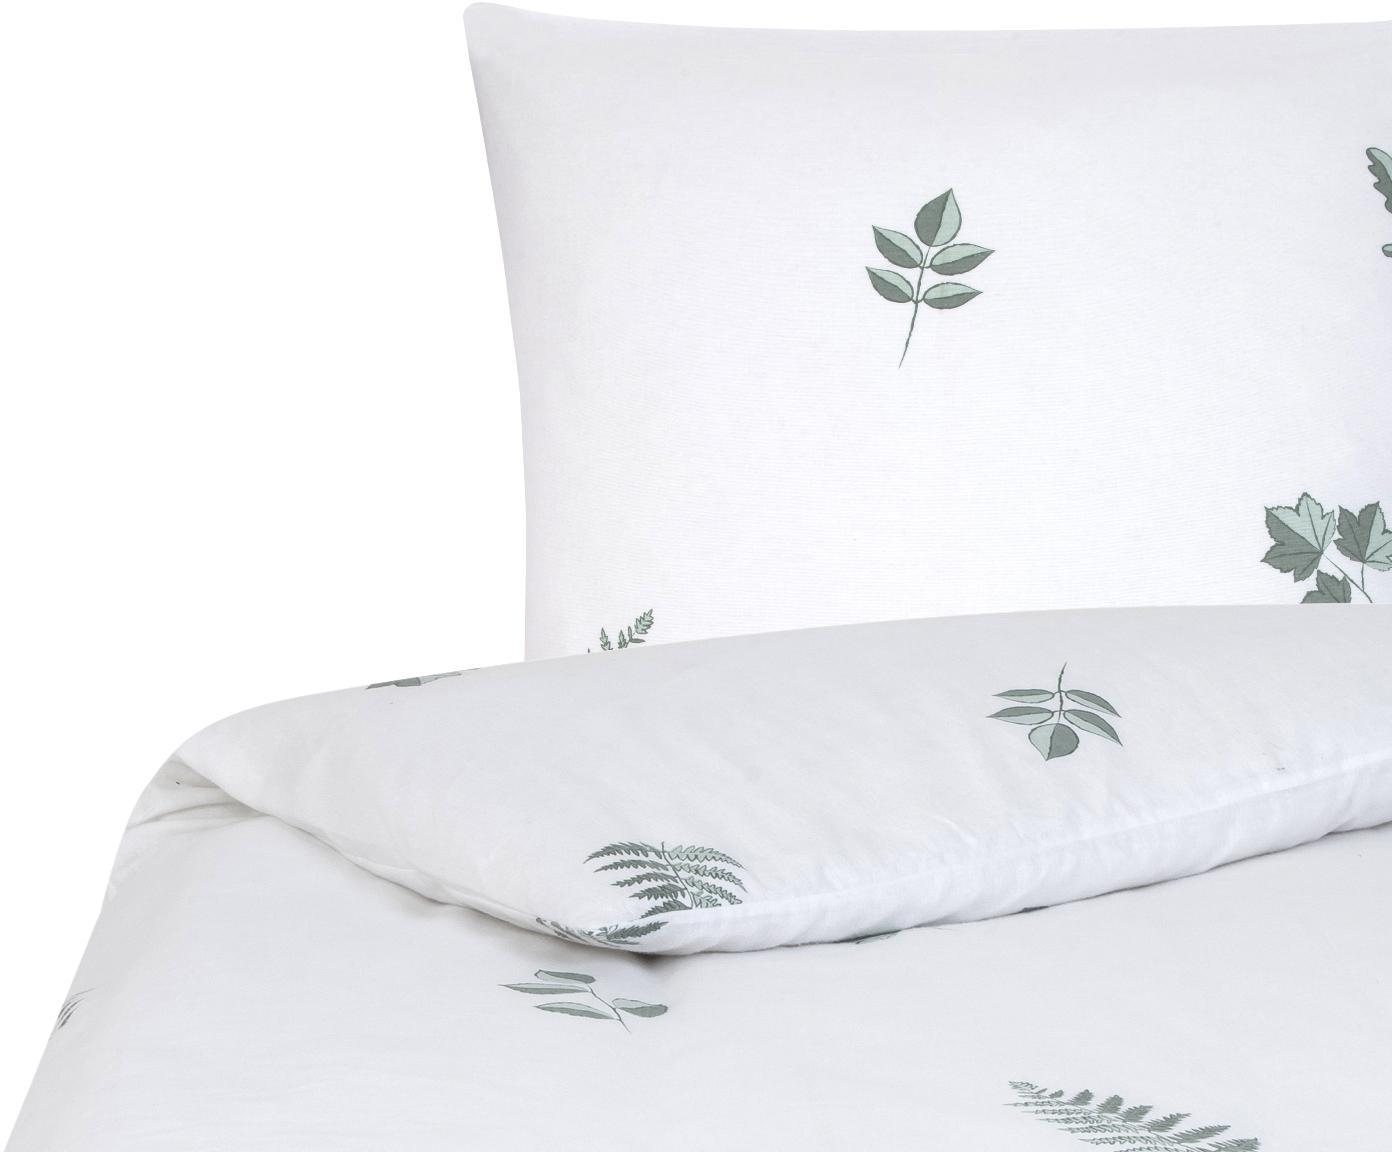 Flanell-Bettwäsche Fraser mit winterlichem Blattmuster, Webart: Flanell Flanell ist ein s, Salbeigrün, Weiss, 135 x 200 cm + 1 Kissen 80 x 80 cm